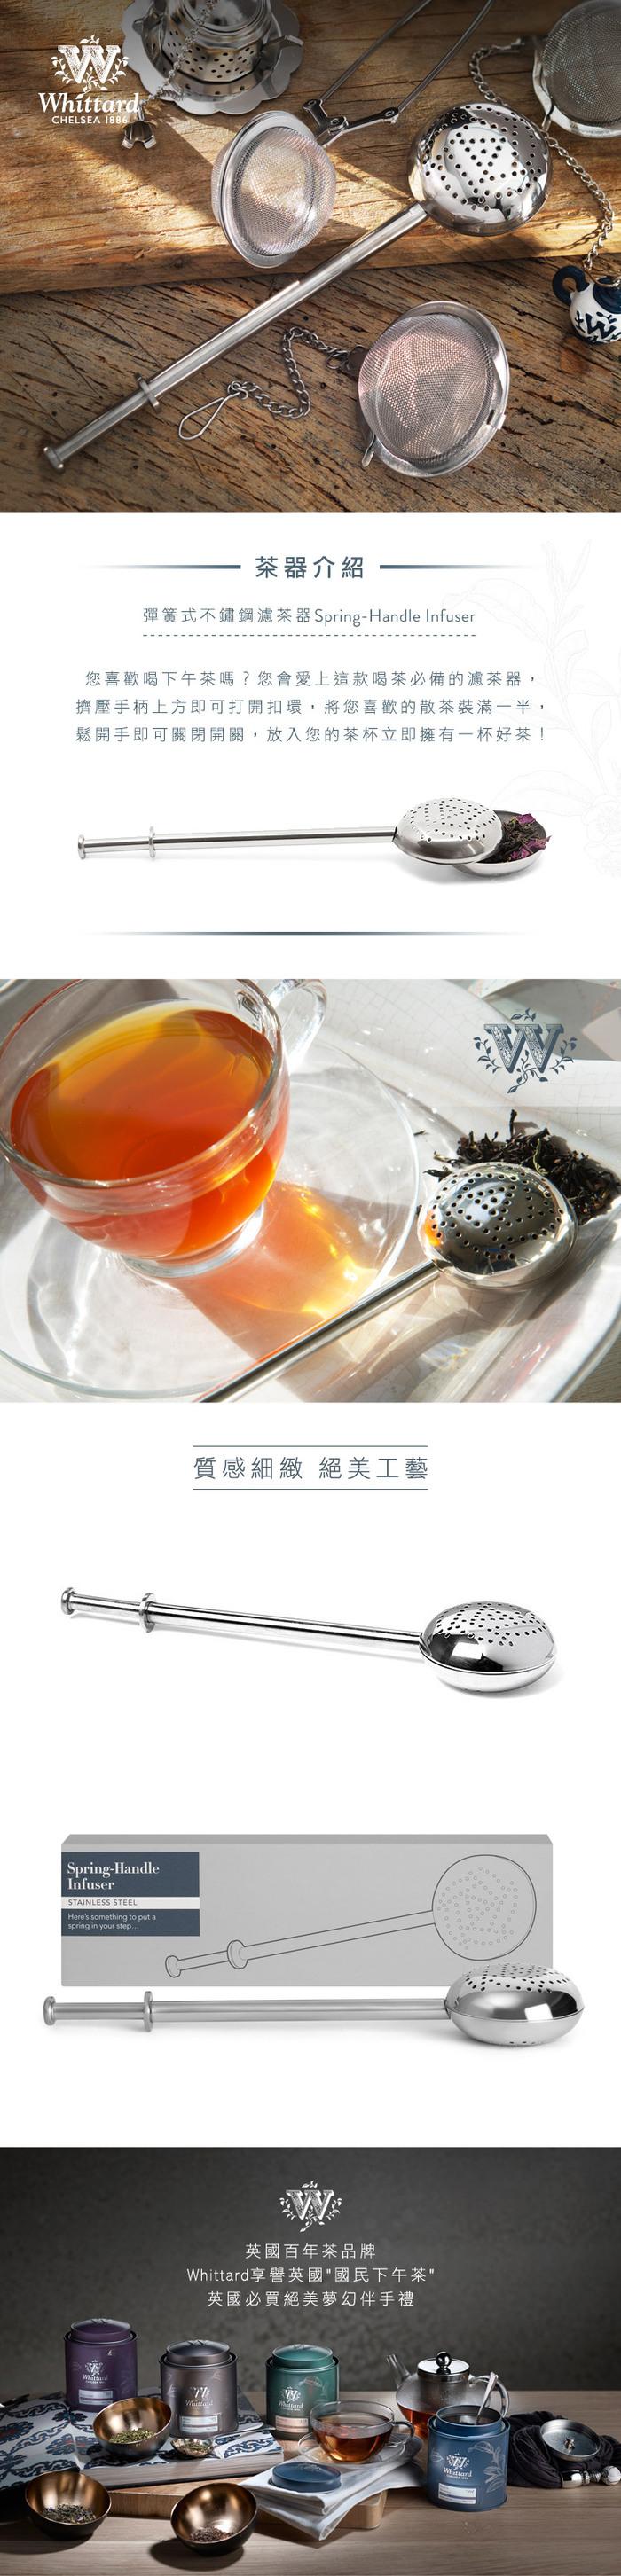 (複製)Whittard|茶壺造型濾茶器